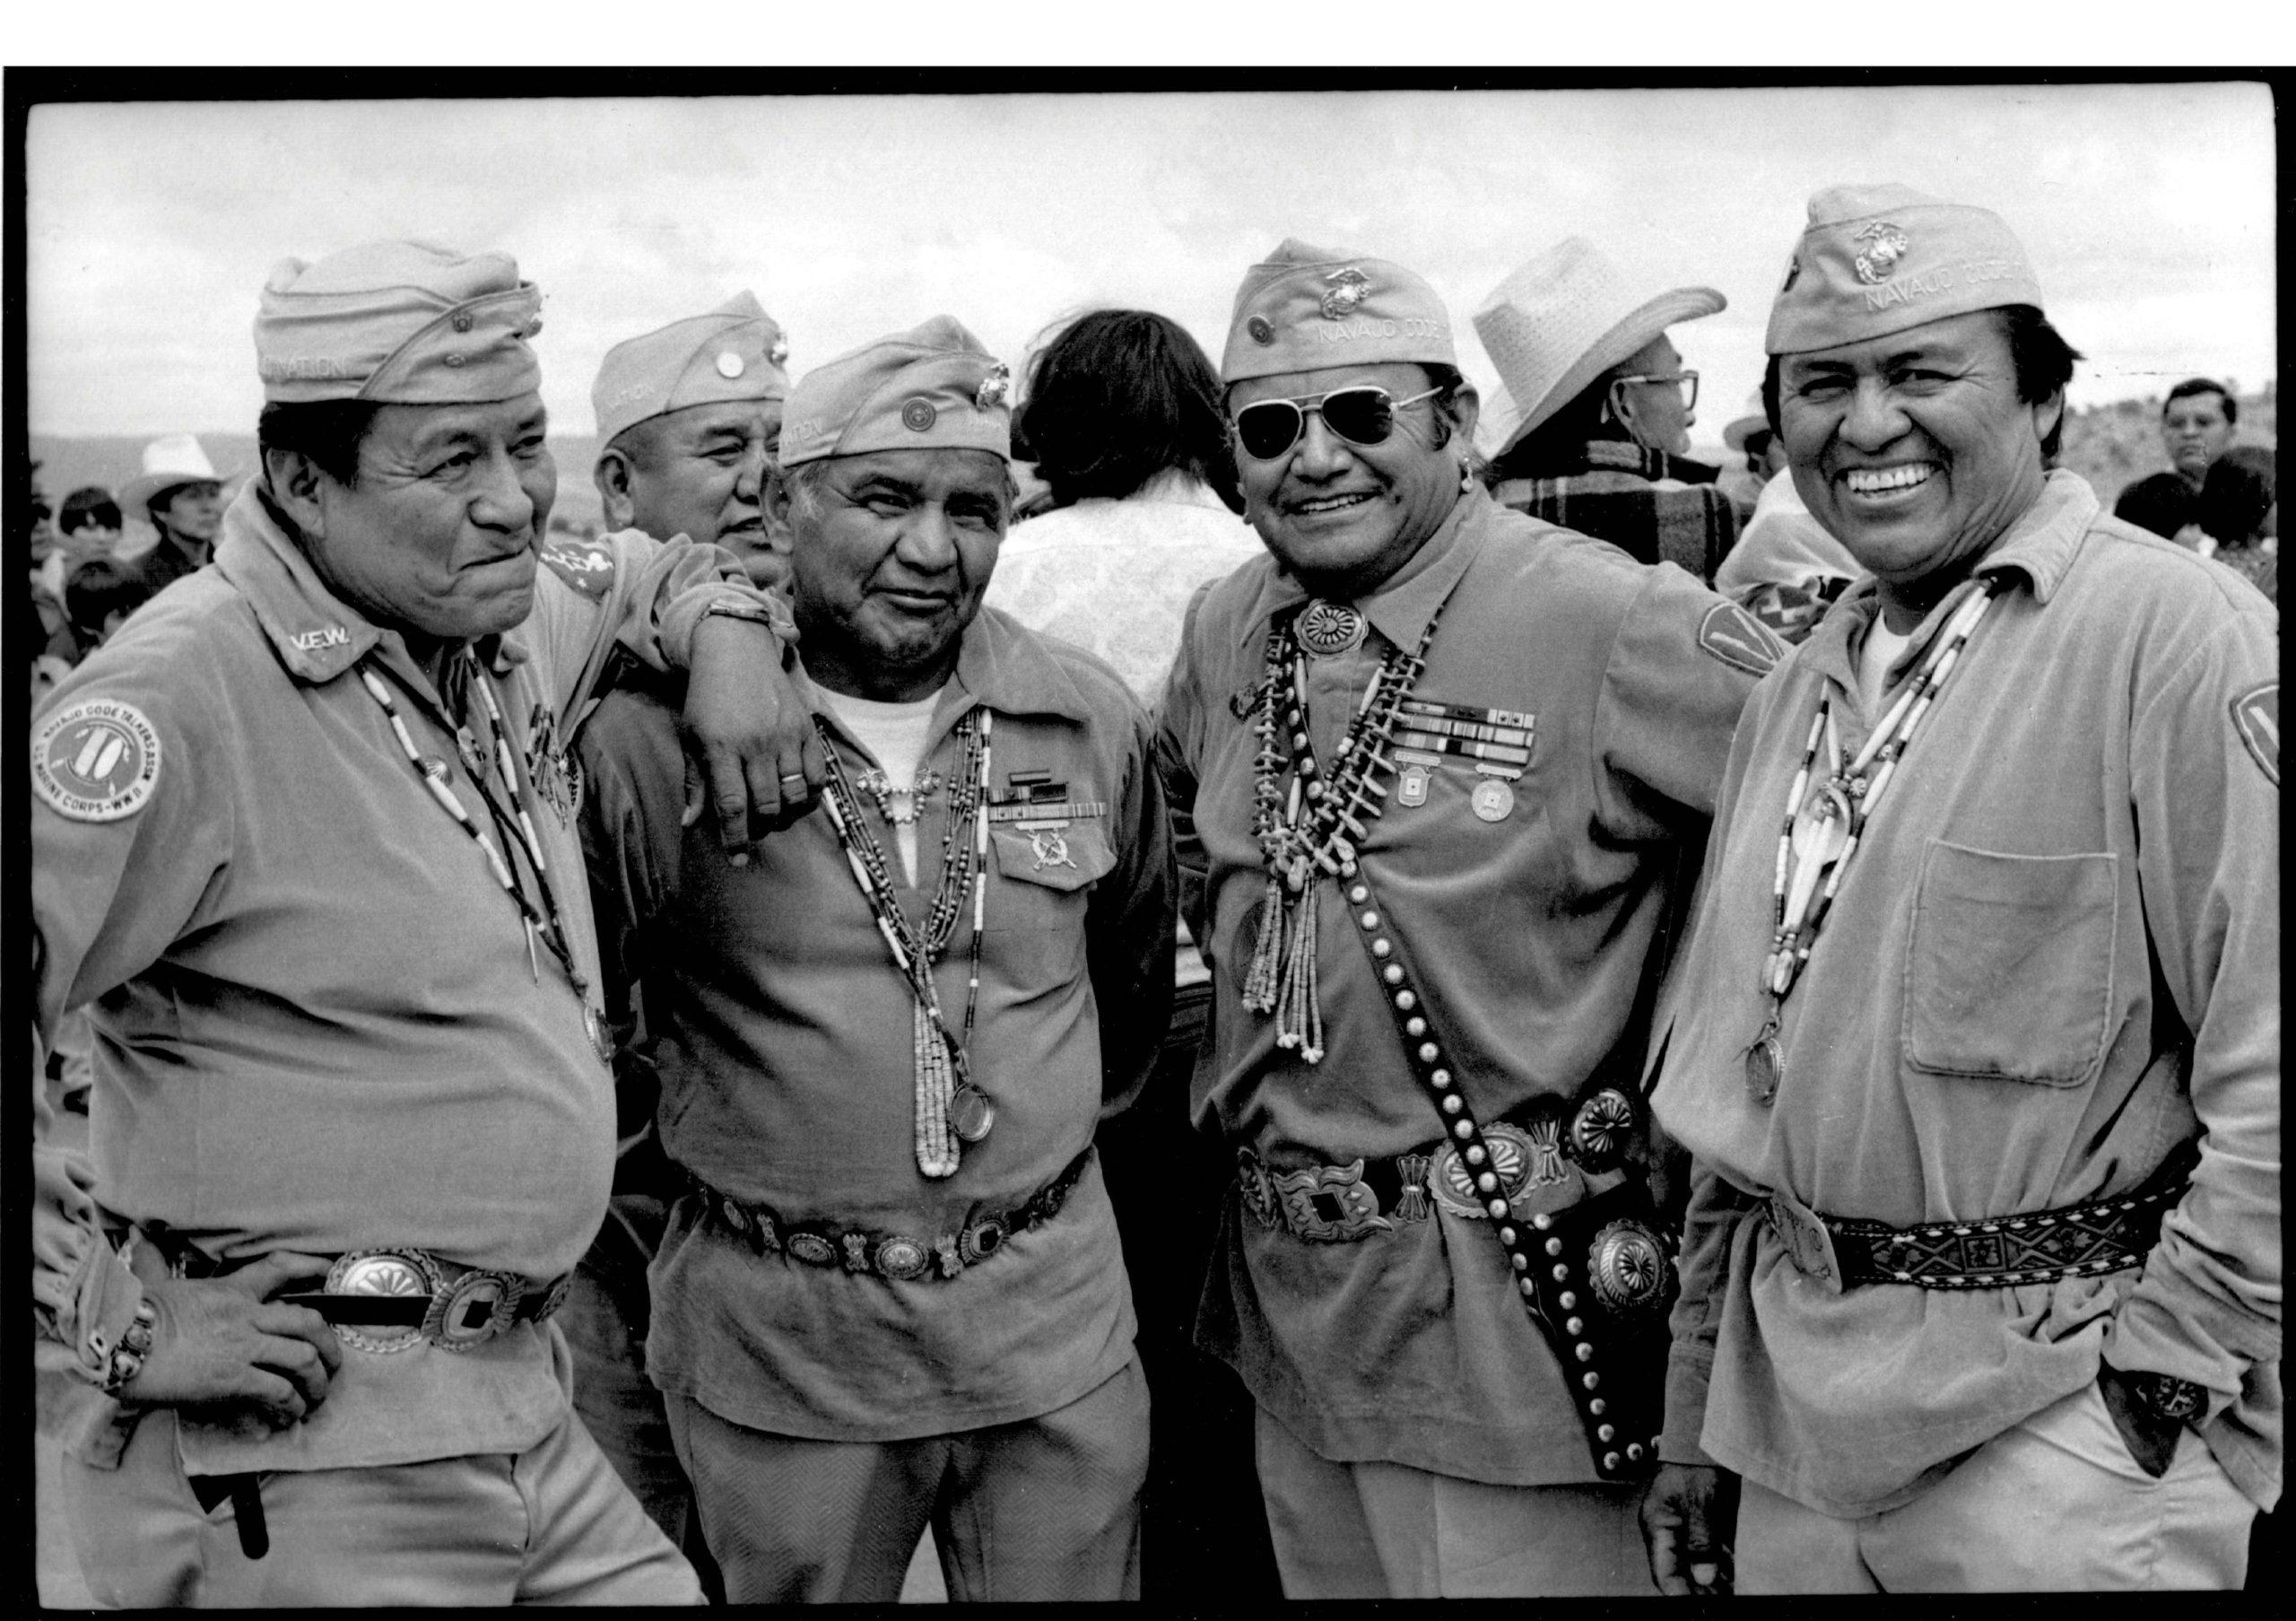 Navajo Code Talkers, Window Rock, Arizona, 1976